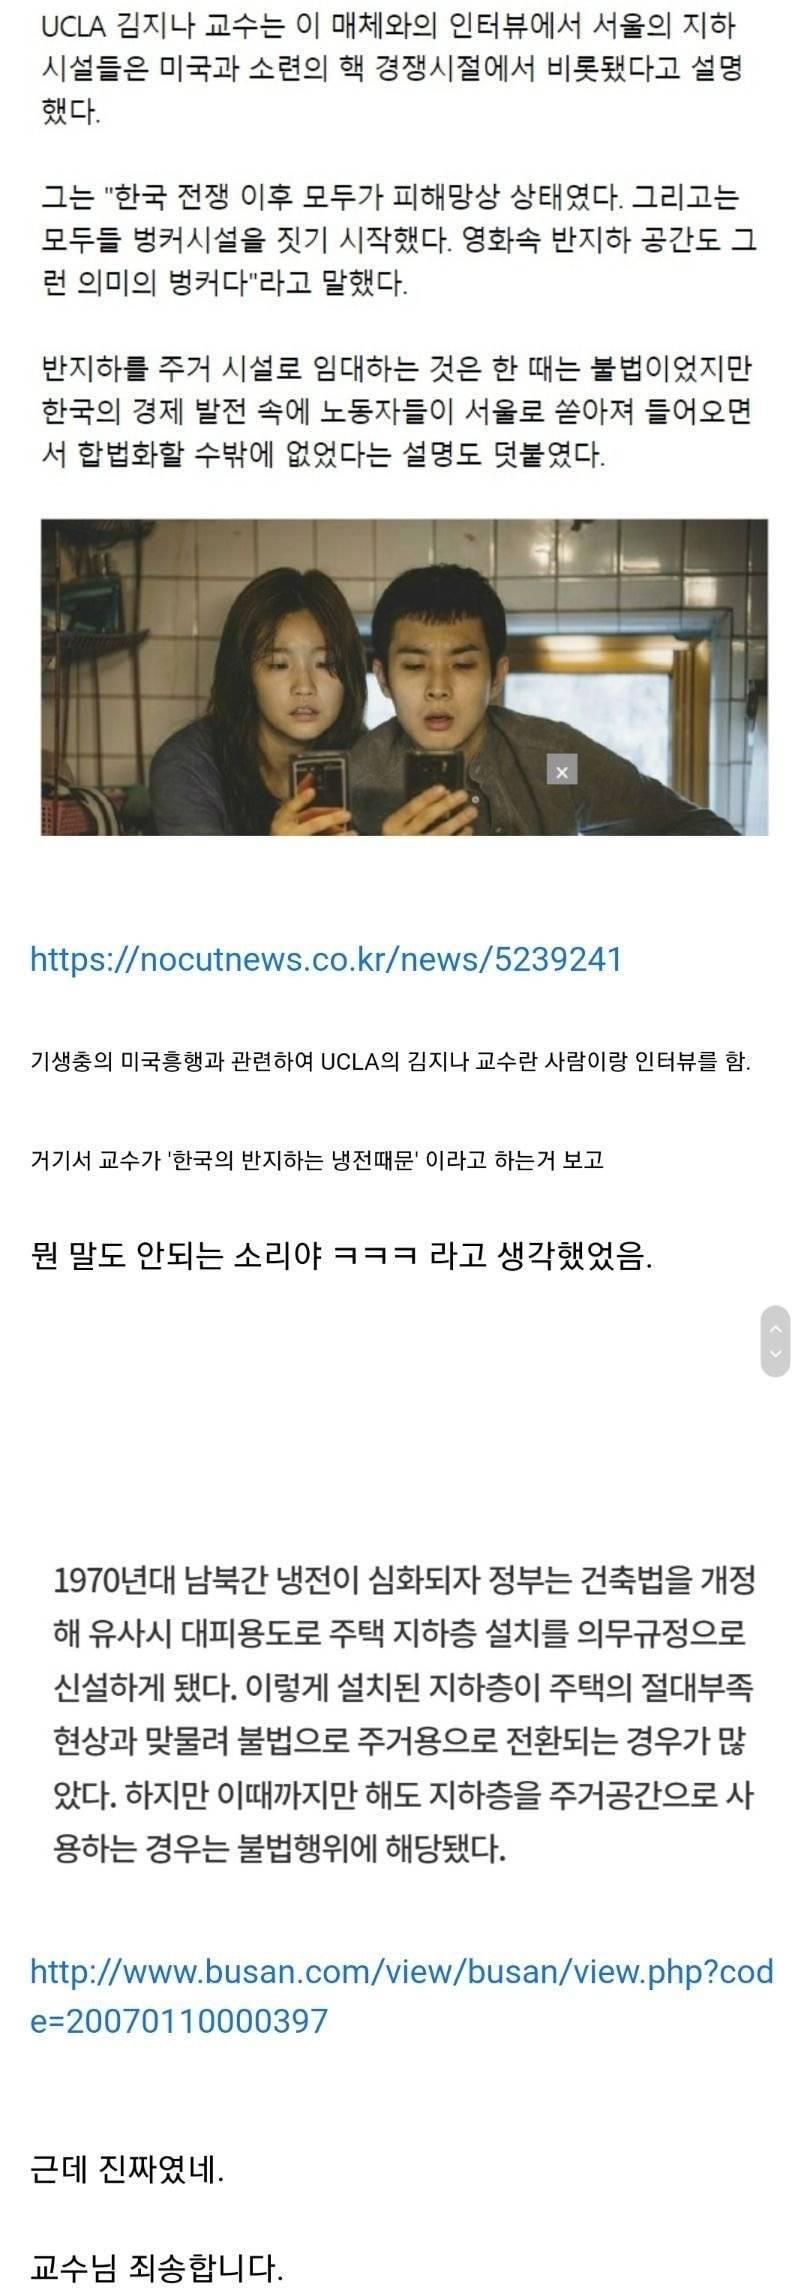 영화 기생충으로 인해 밝혀진 한국에 반지하가 많은 이유.....JPG | 인스티즈